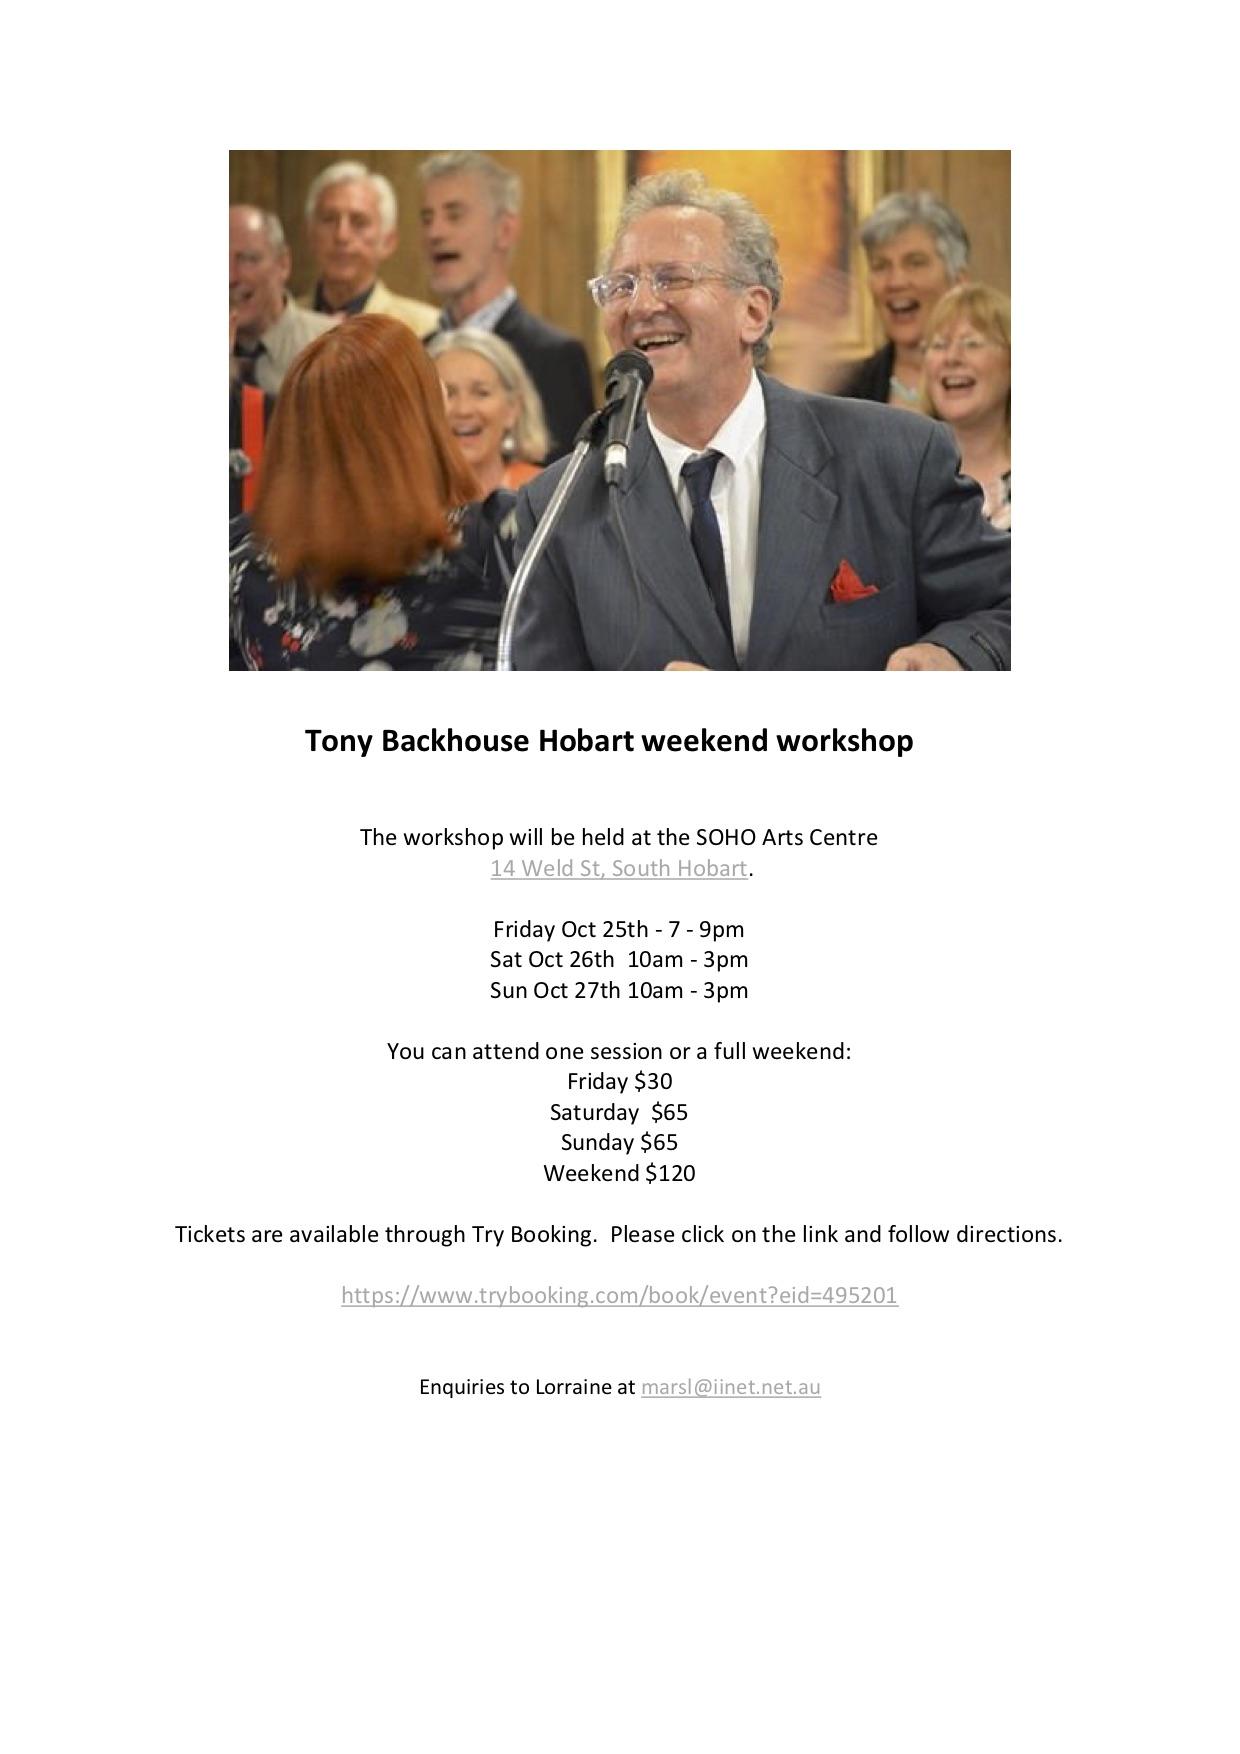 Tony Backhouse flier.jpg